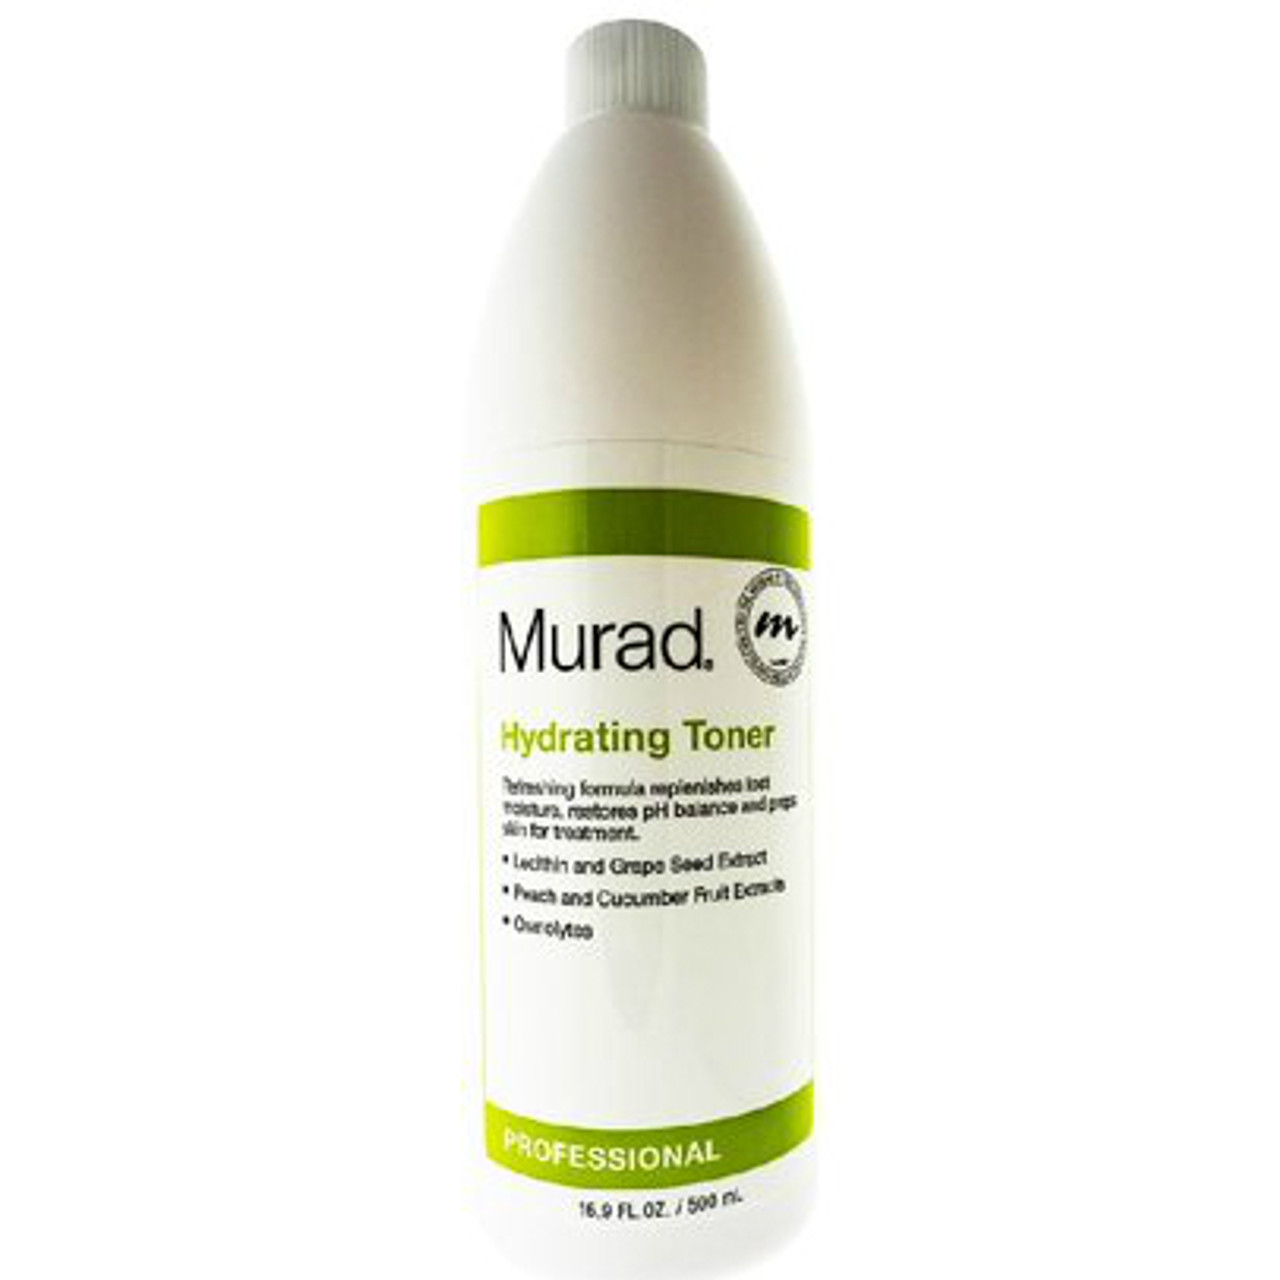 Murad Hydrating Toner 16.9 oz